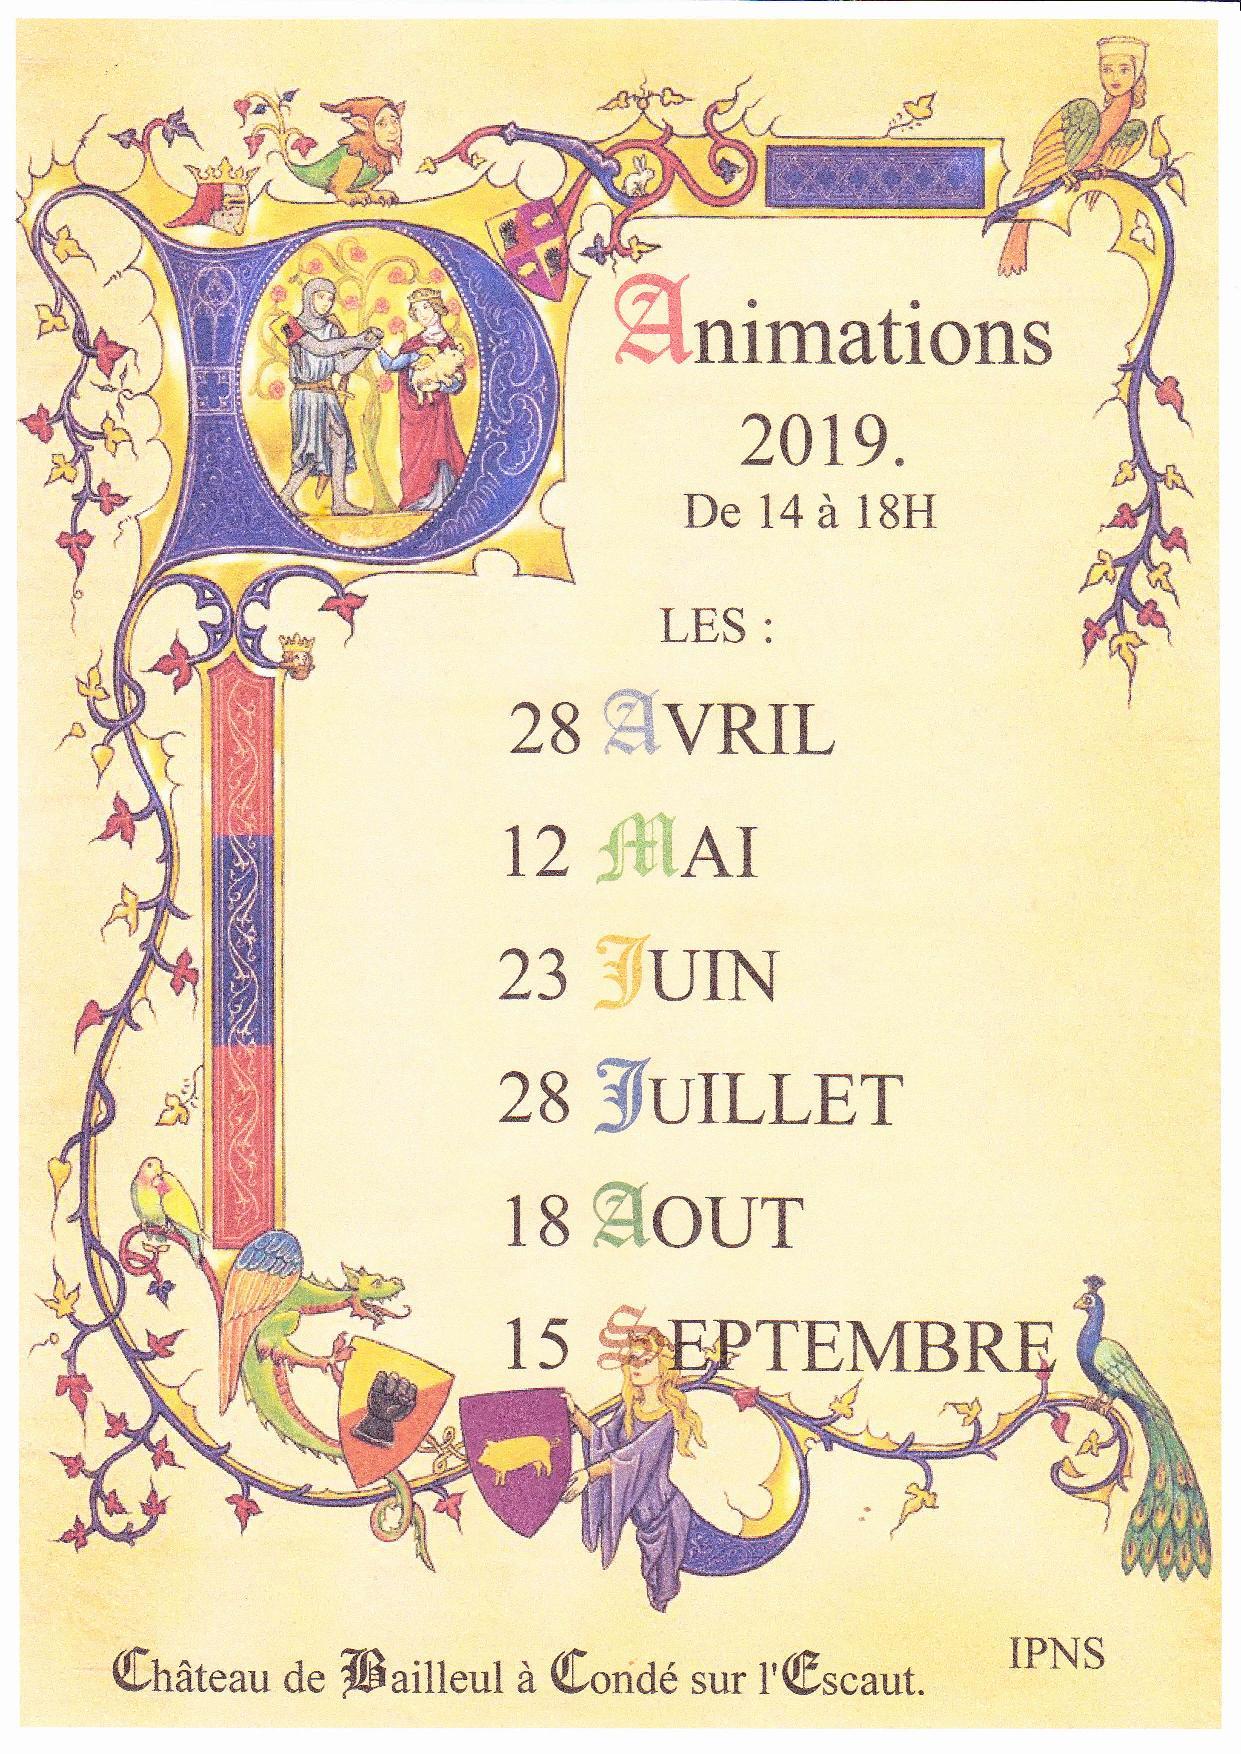 Fêtes et Animations